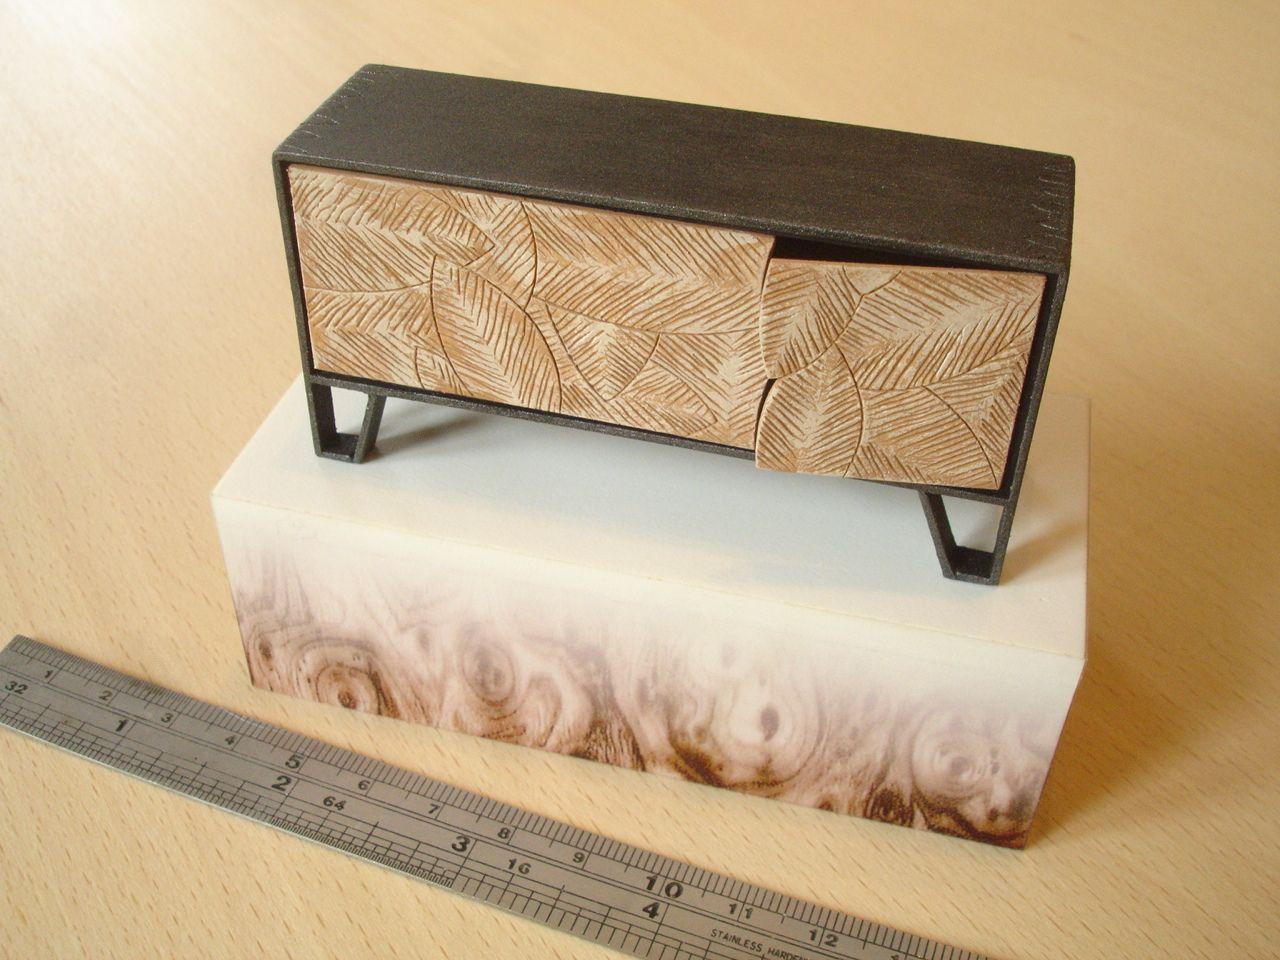 Meyer von Weilligh 'Leaf Sideboard', model by David Neat